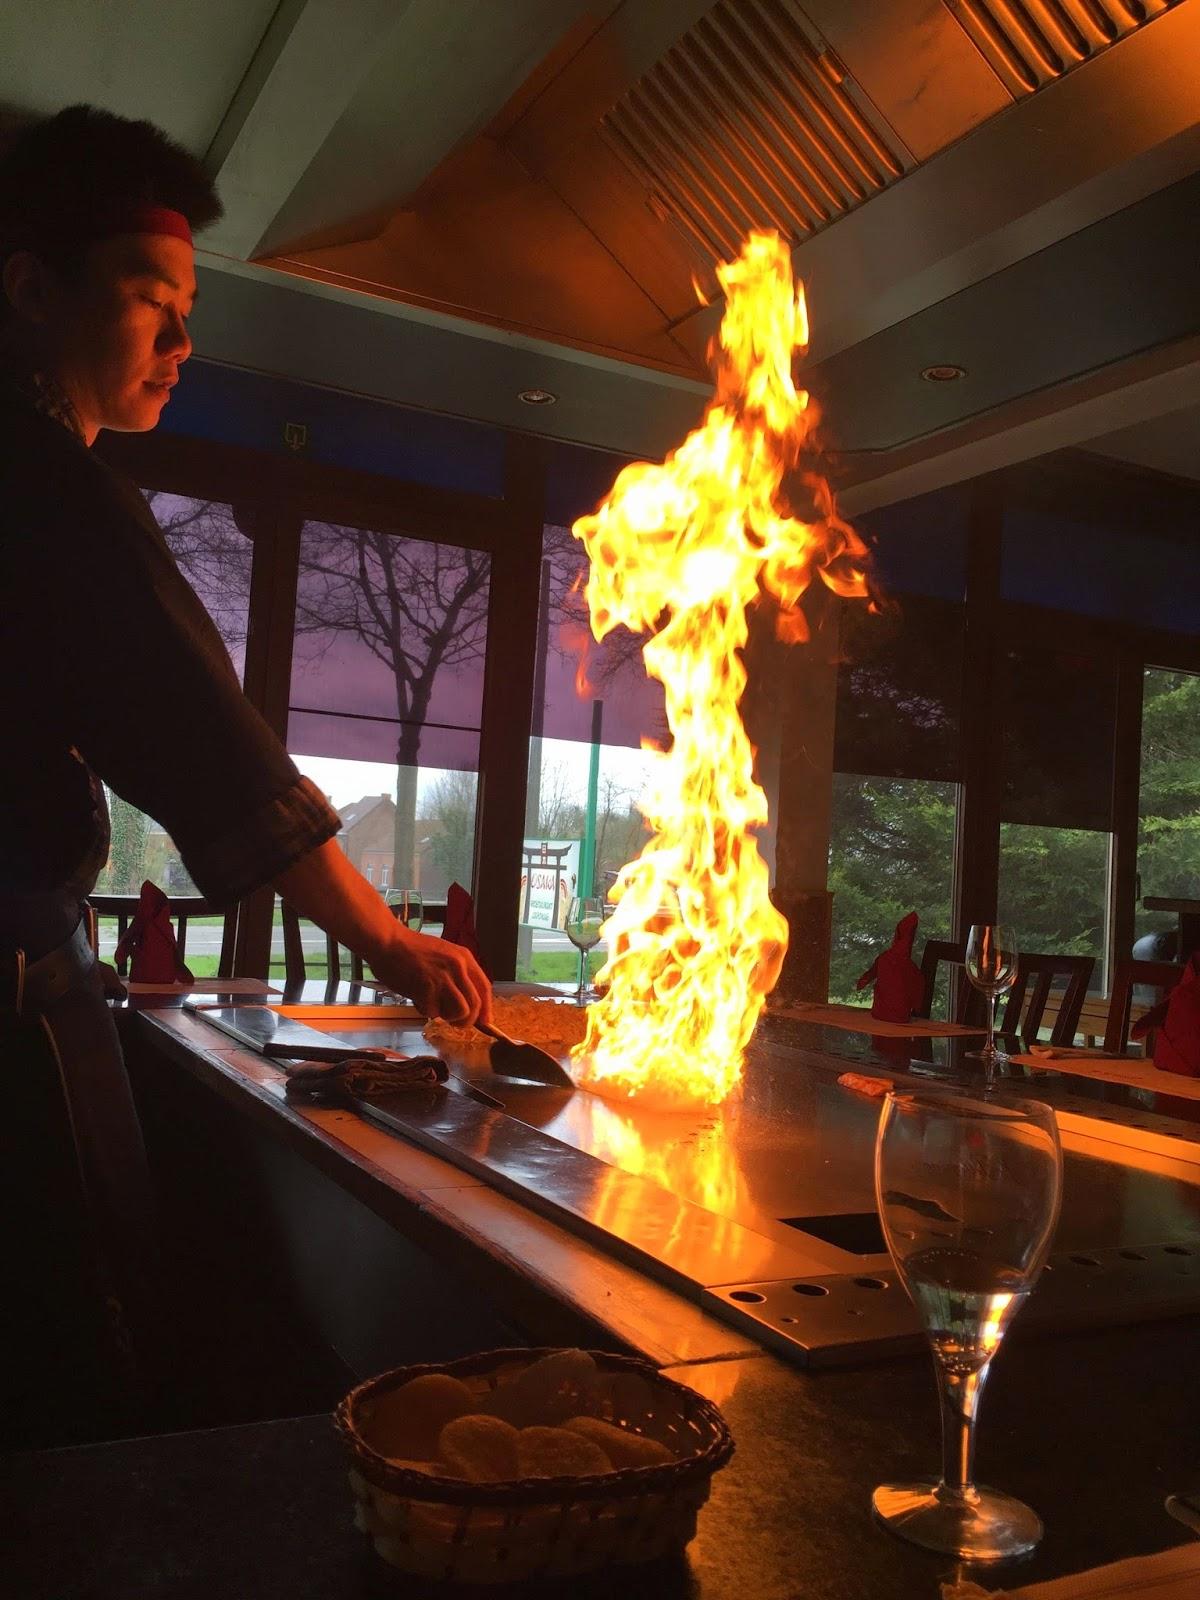 Restaurant Japonais Avec  Ef Bf Bdnorme Sexe Au Plafond  Ef Bf Bd Tokyo